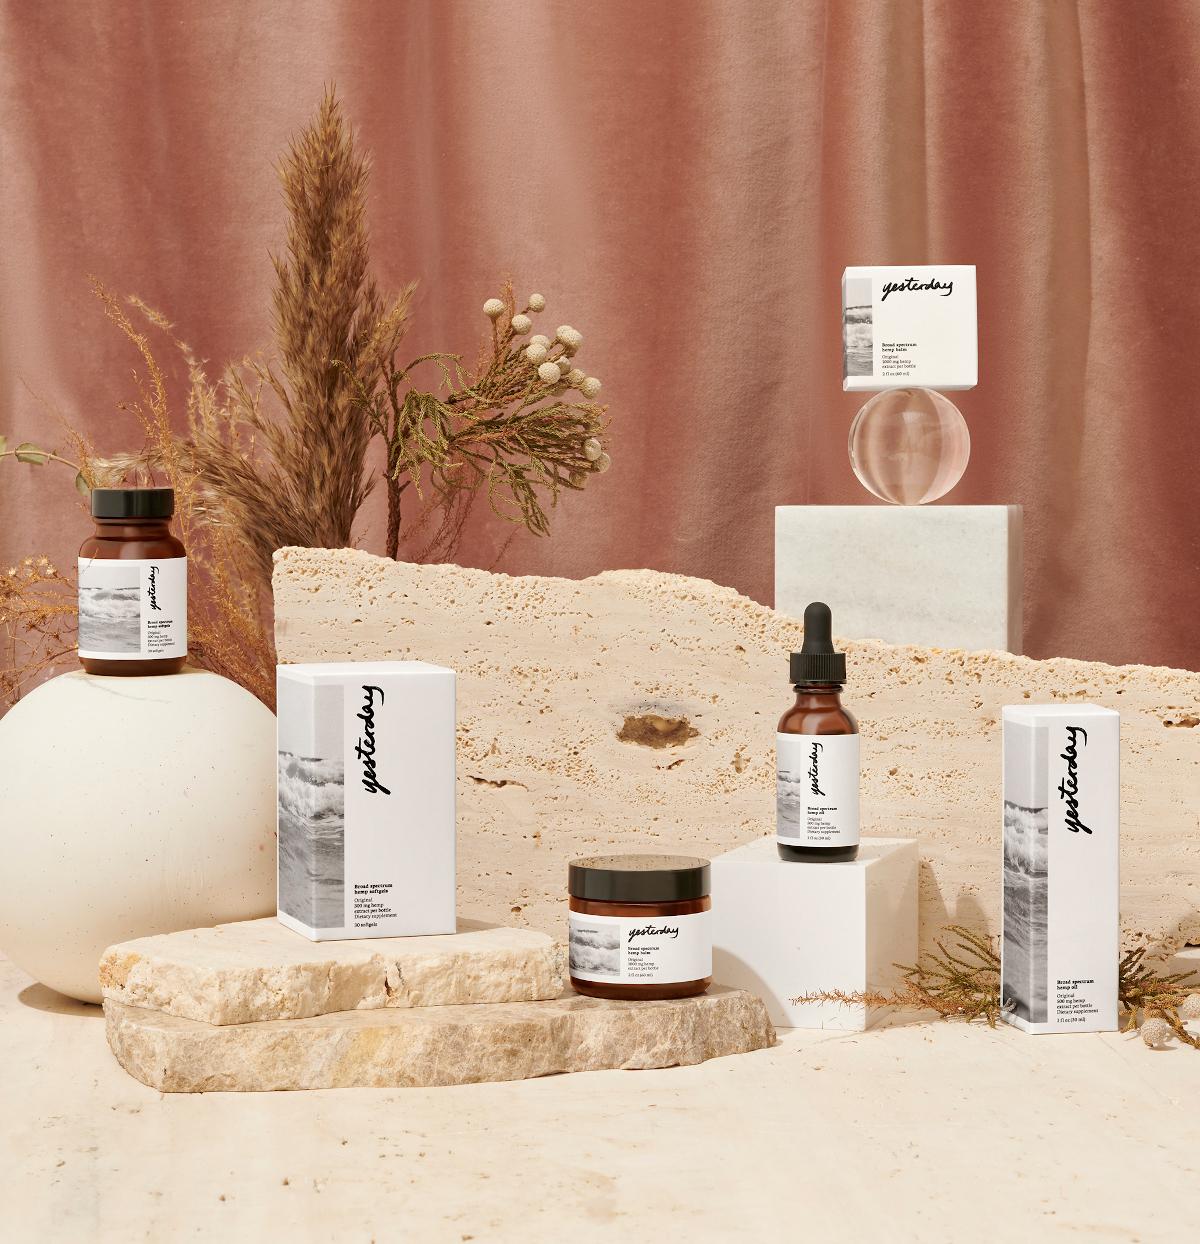 hemp-products